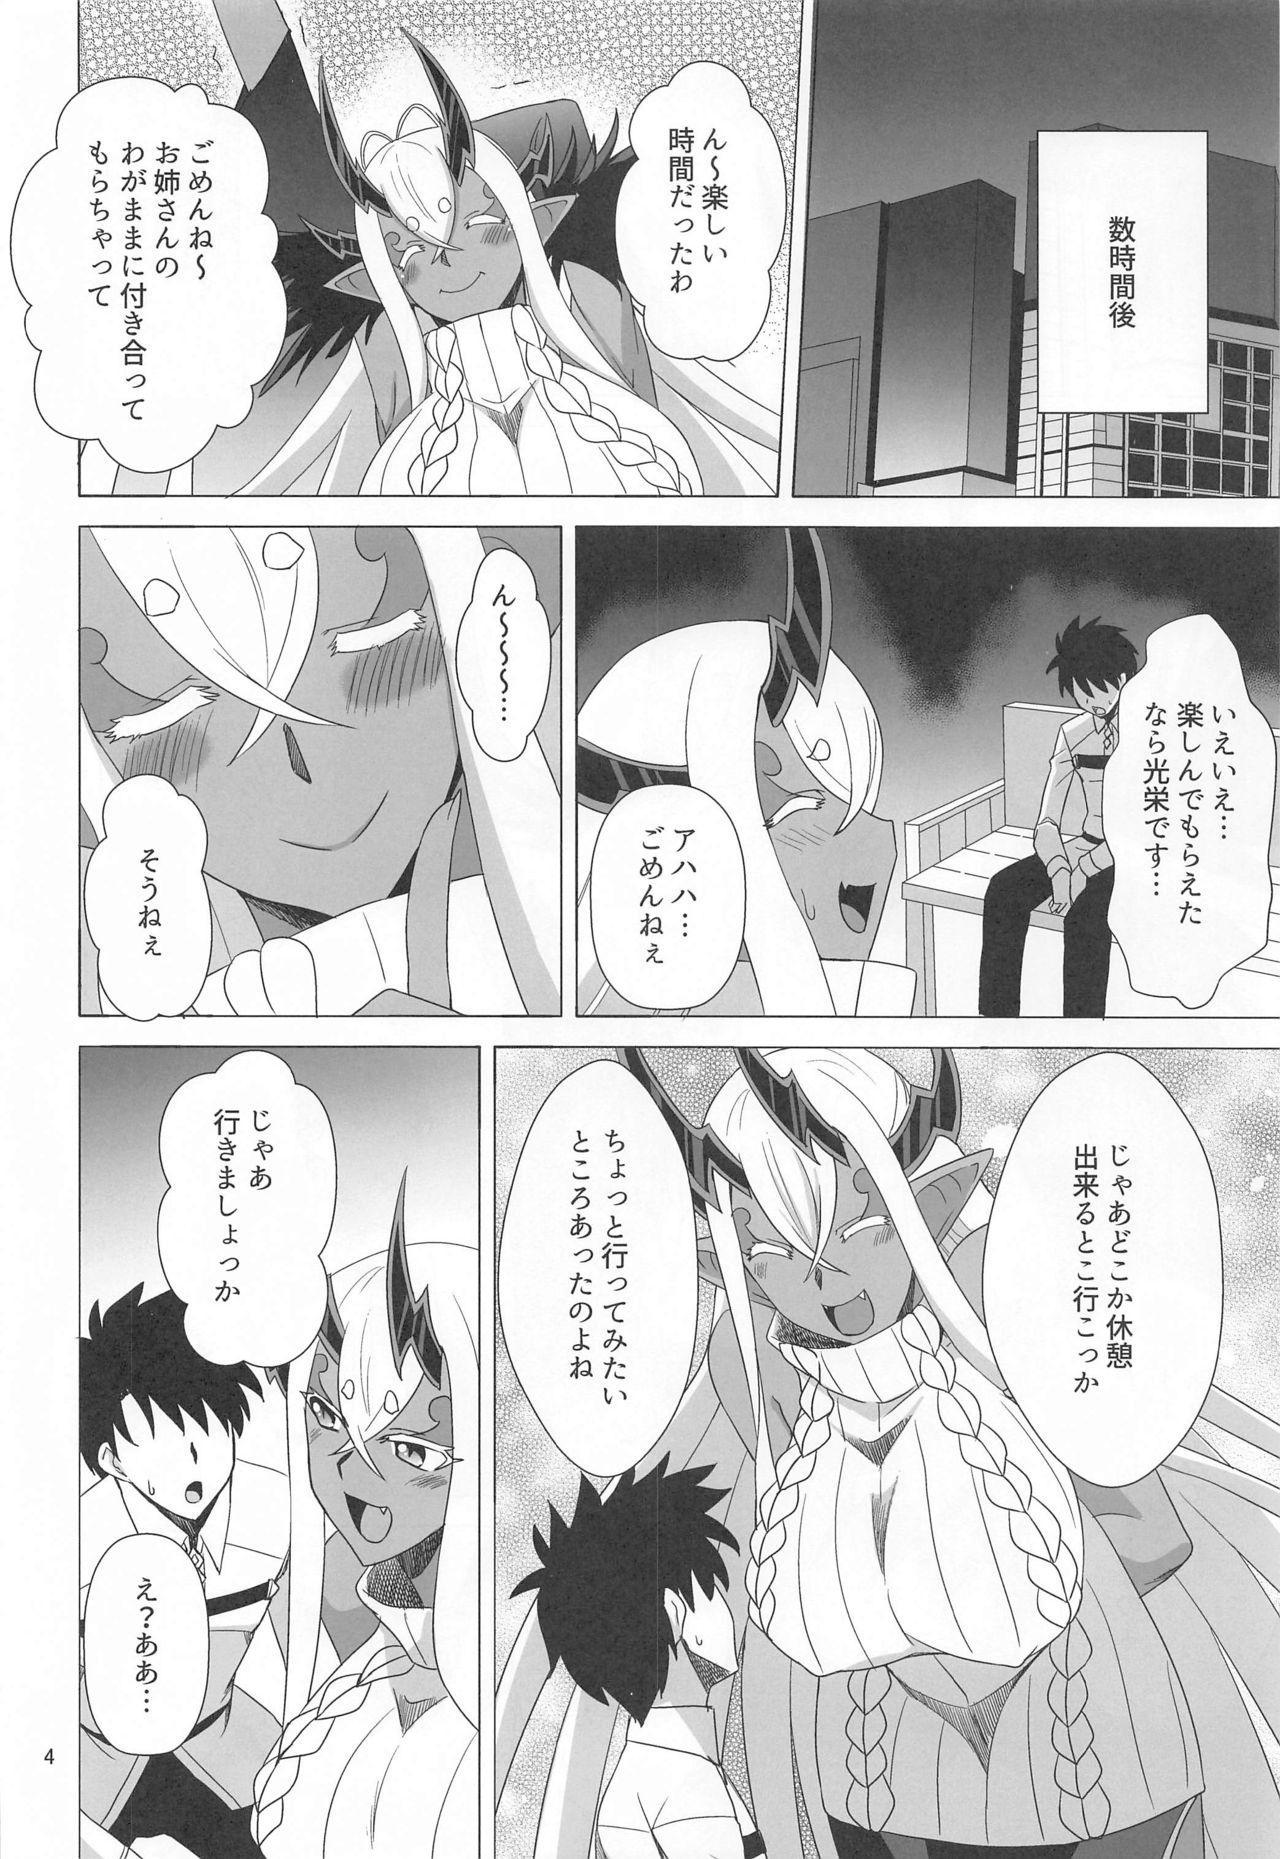 Hebigami-sama wa Ecchi ga Shitai 2